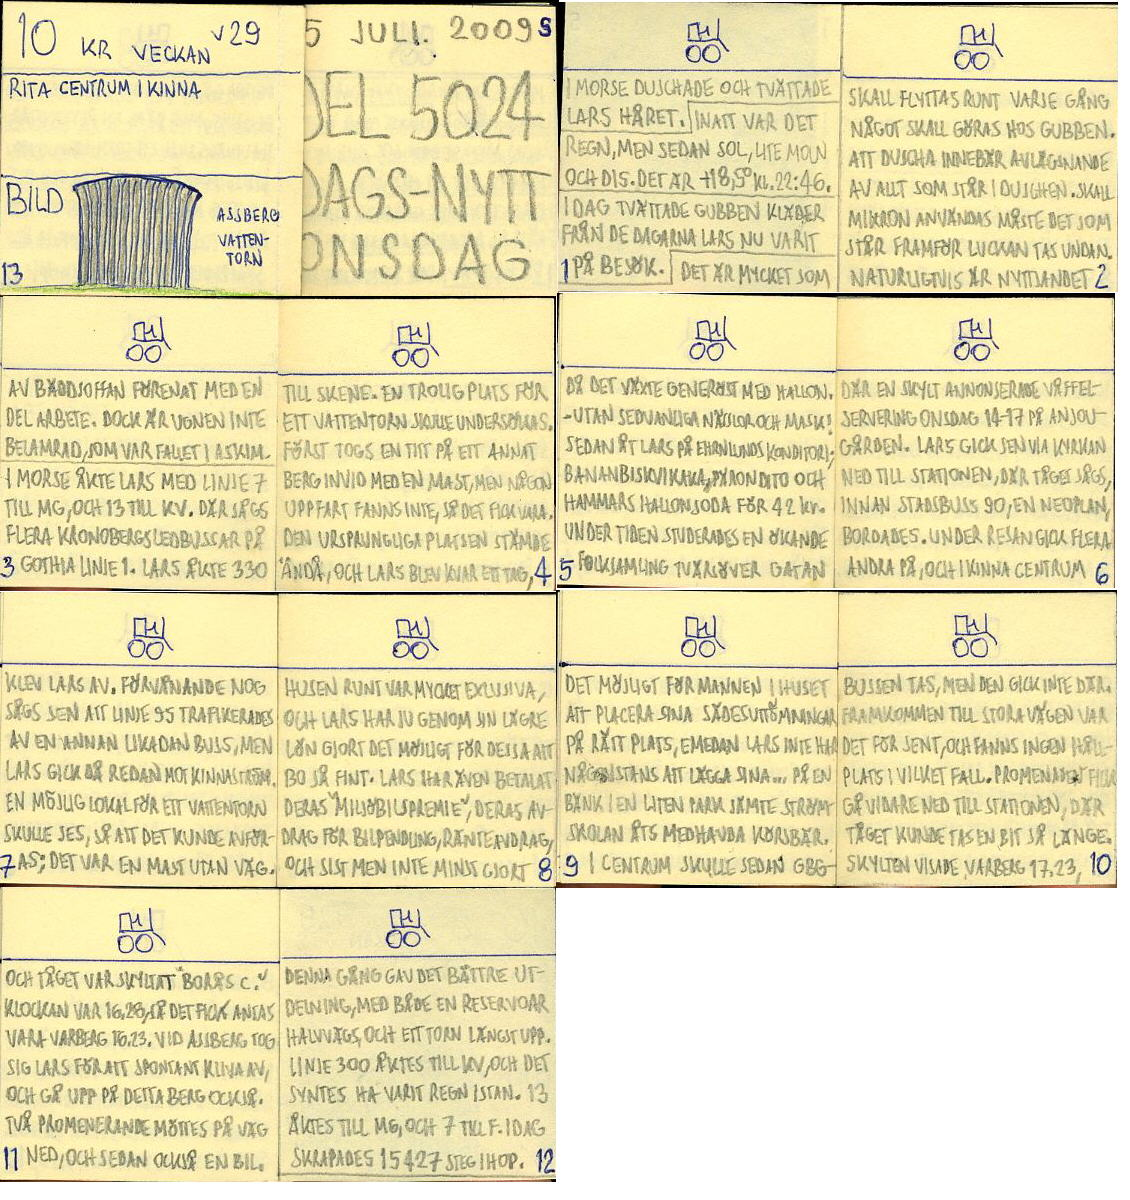 Dags-Nytt 15 juli 2009